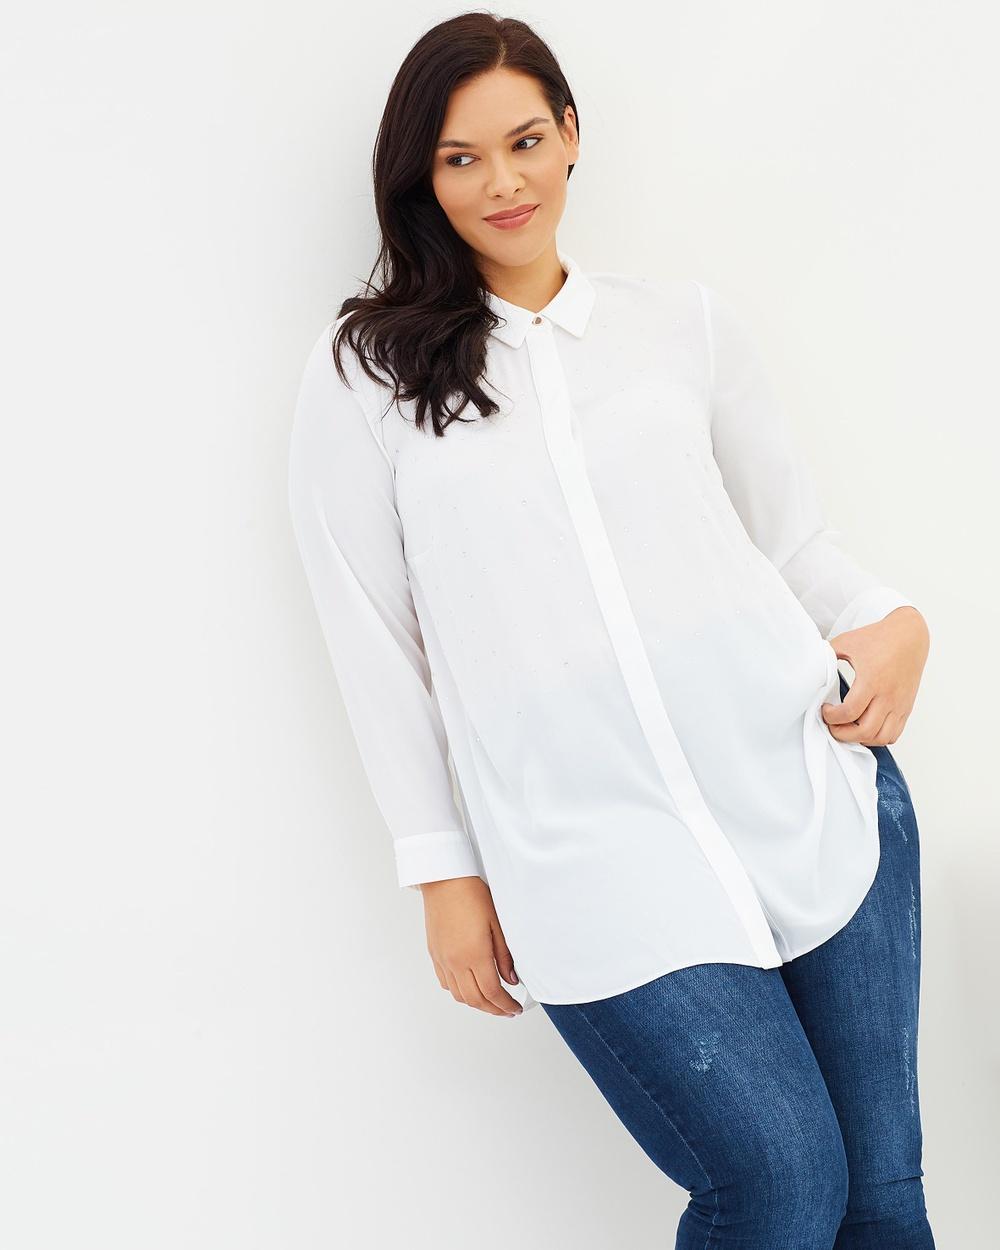 EVANS Embellished Shirt Tops Ivory Embellished Shirt